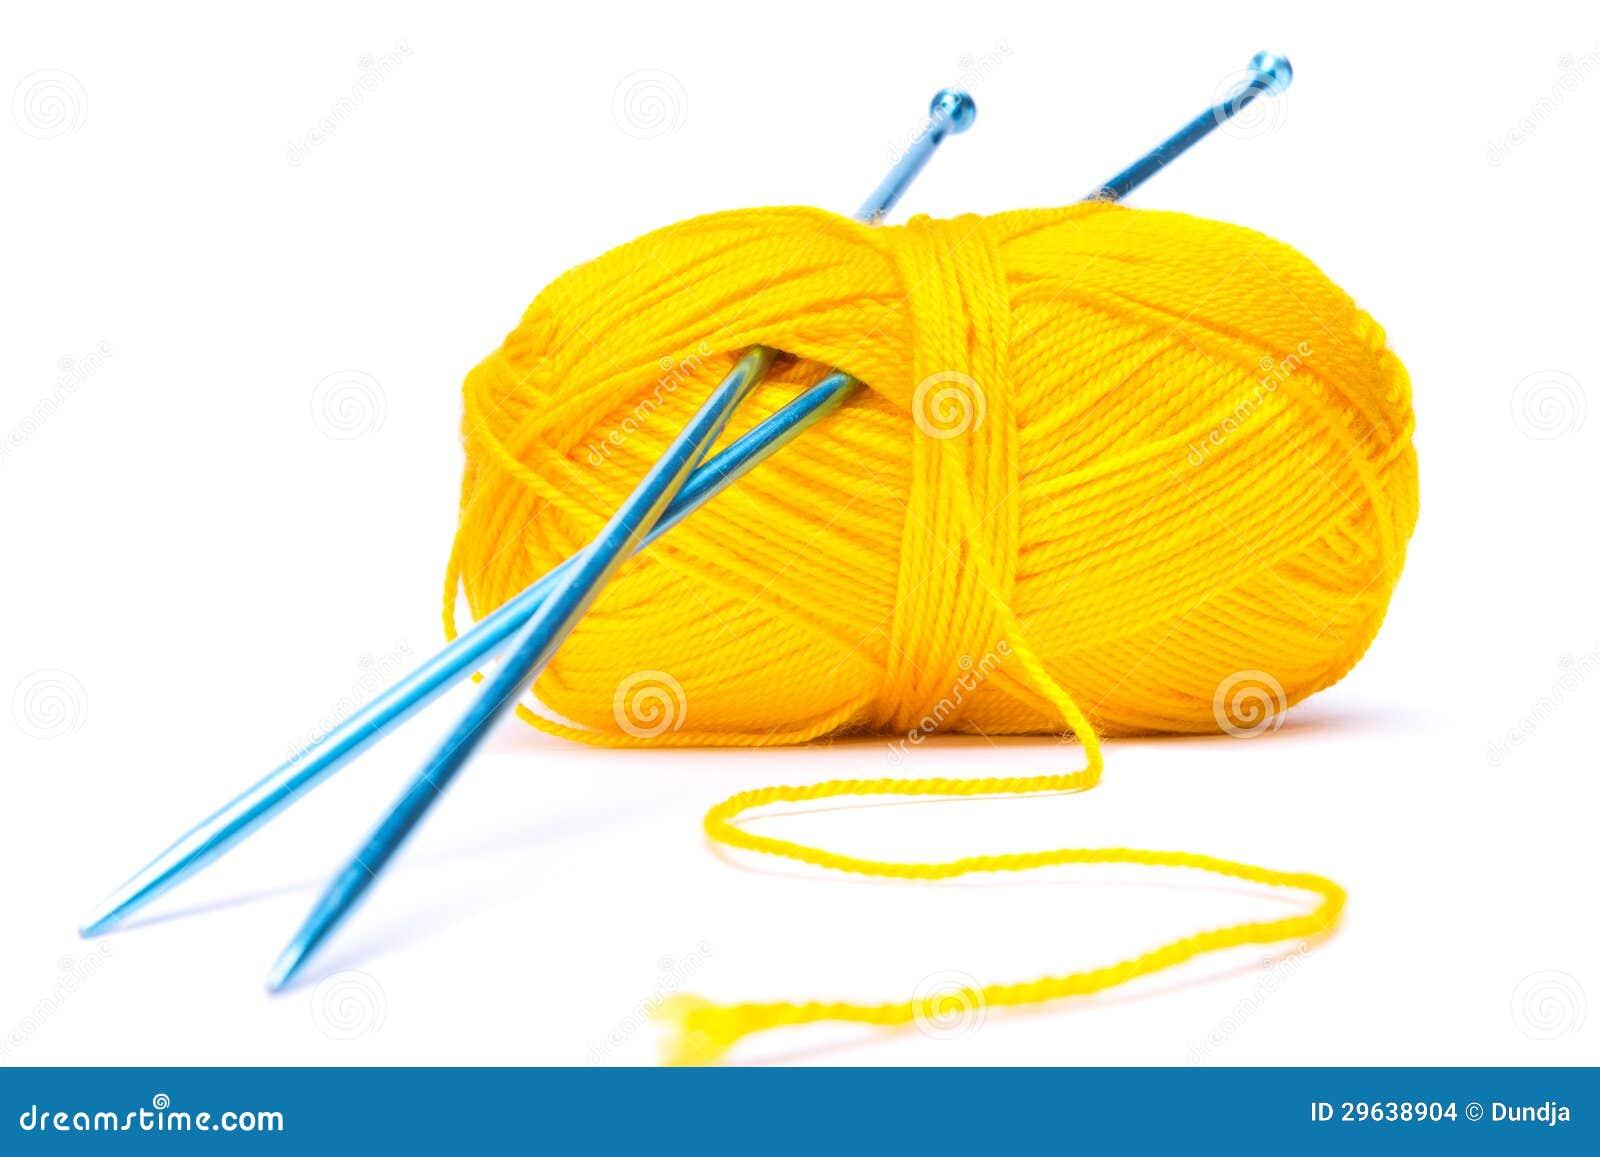 download how to tie gele